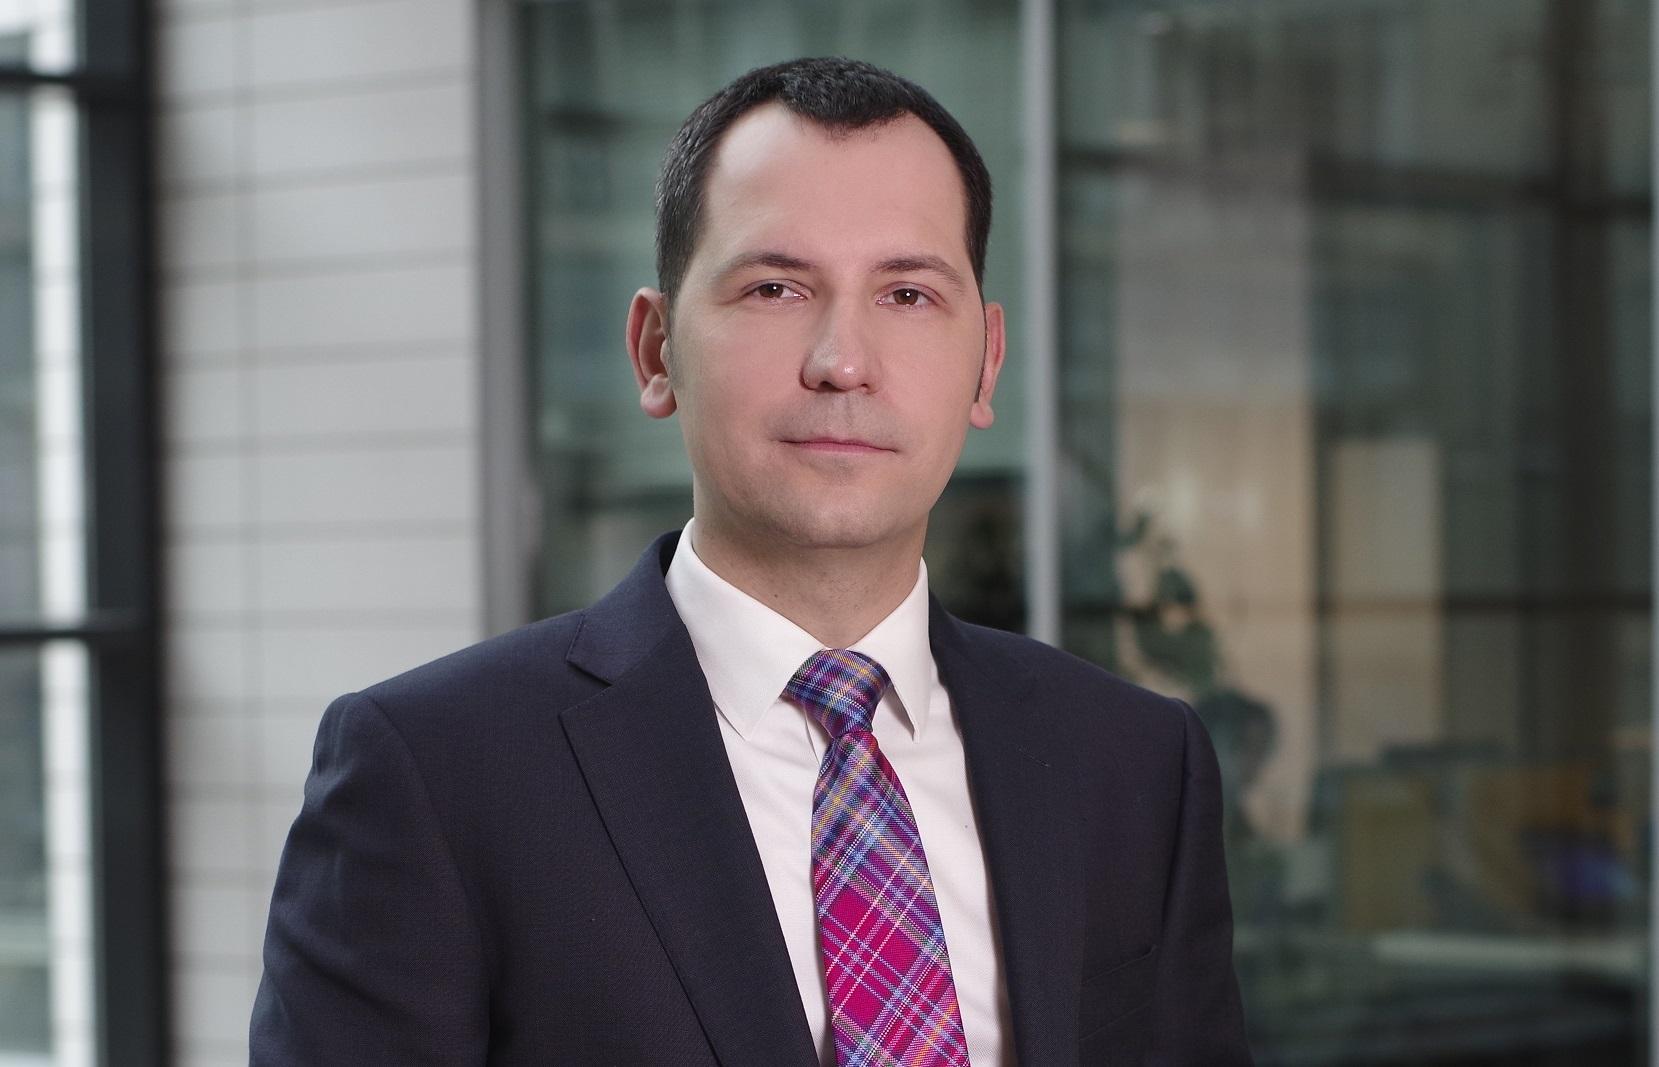 Incepand cu ianuarie 2020, Catalin Olteanu preia functia de Sales Director al Edenred